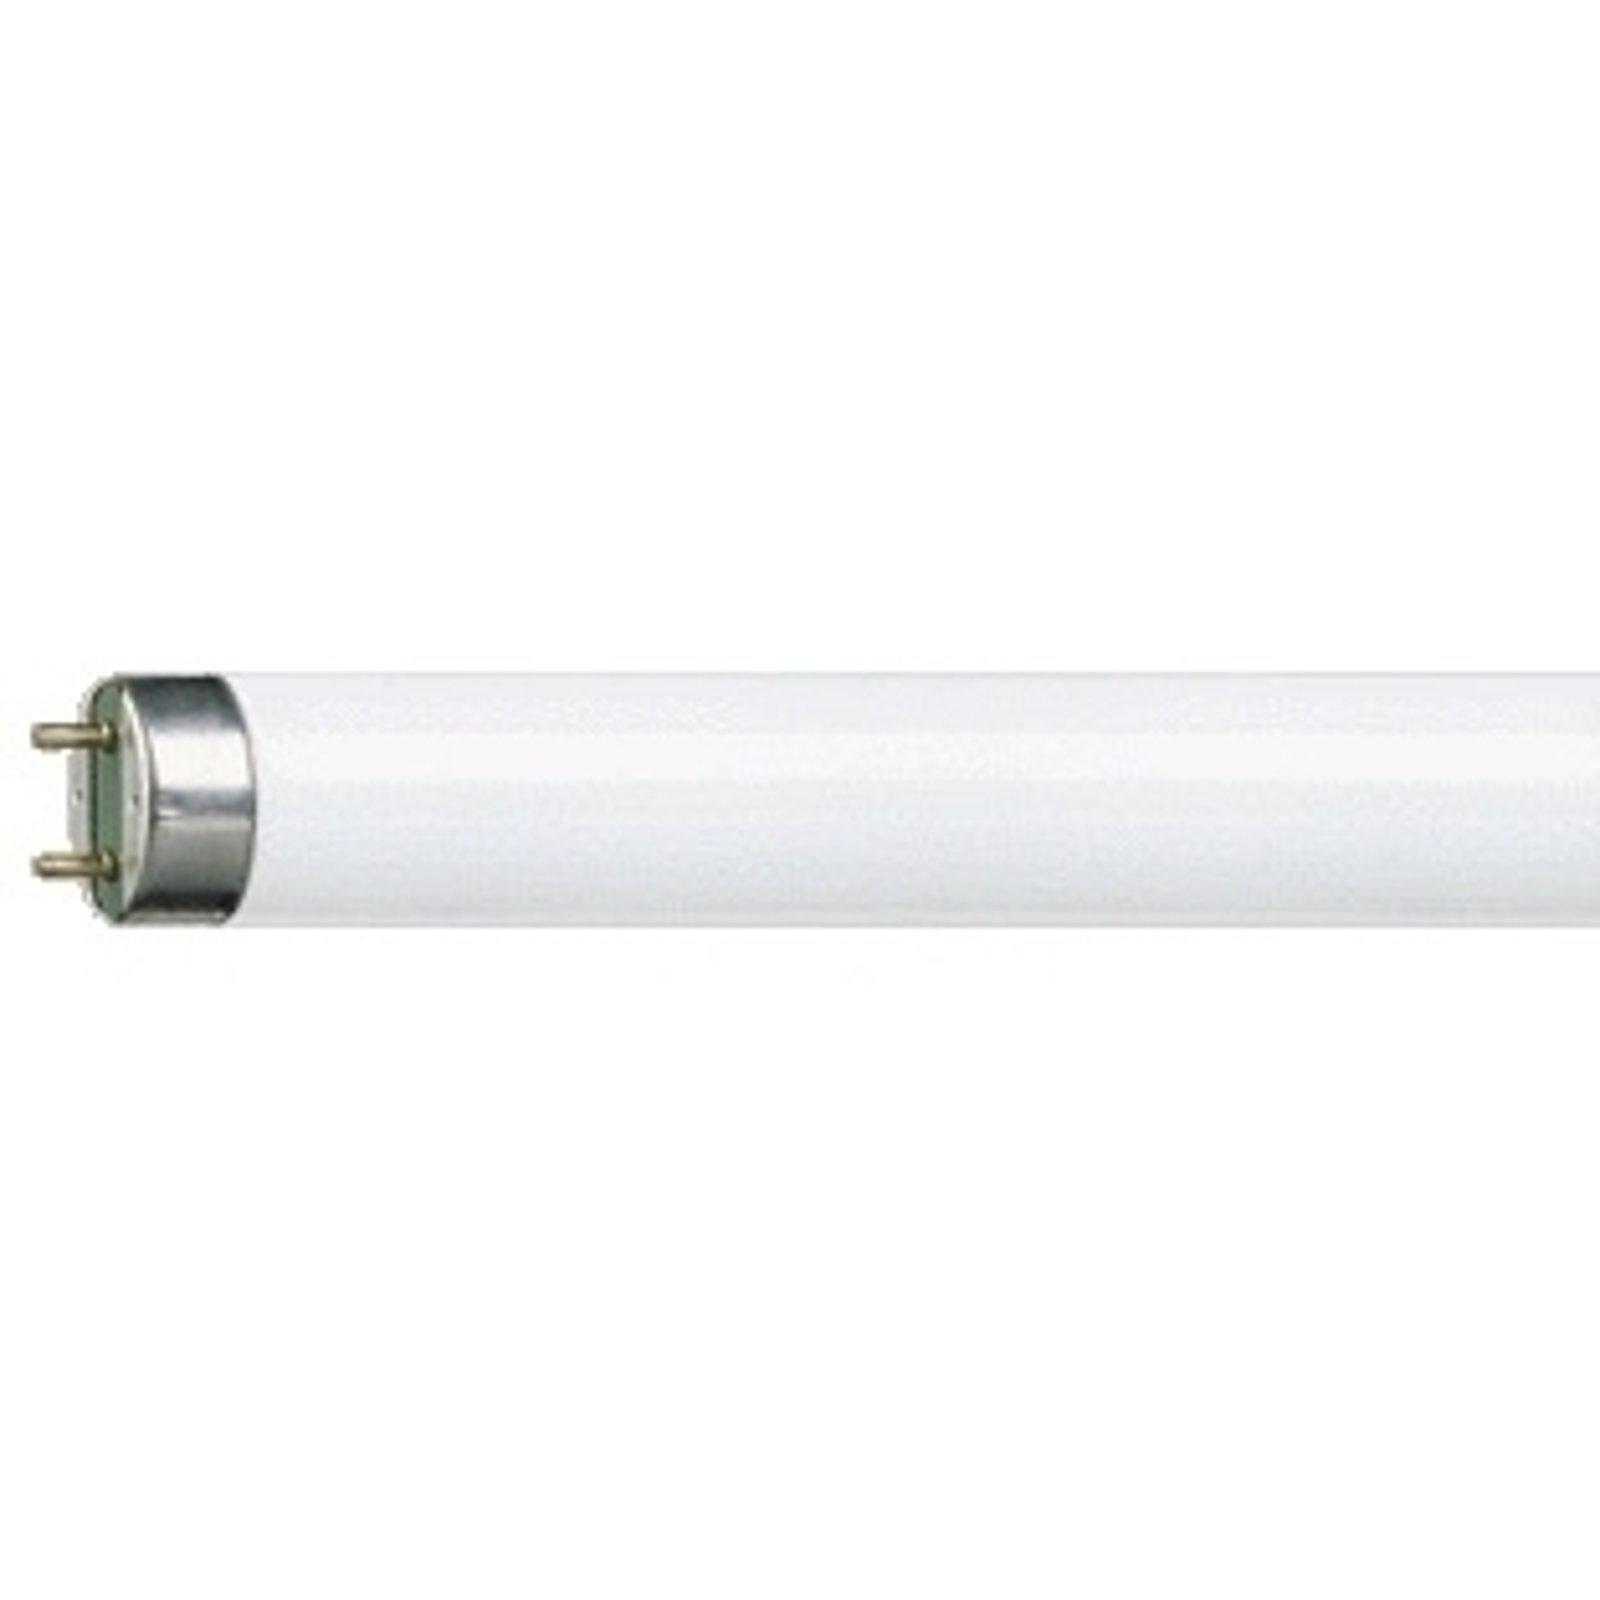 G13 T8-lyspære MASTER TL-D Super 14W/840